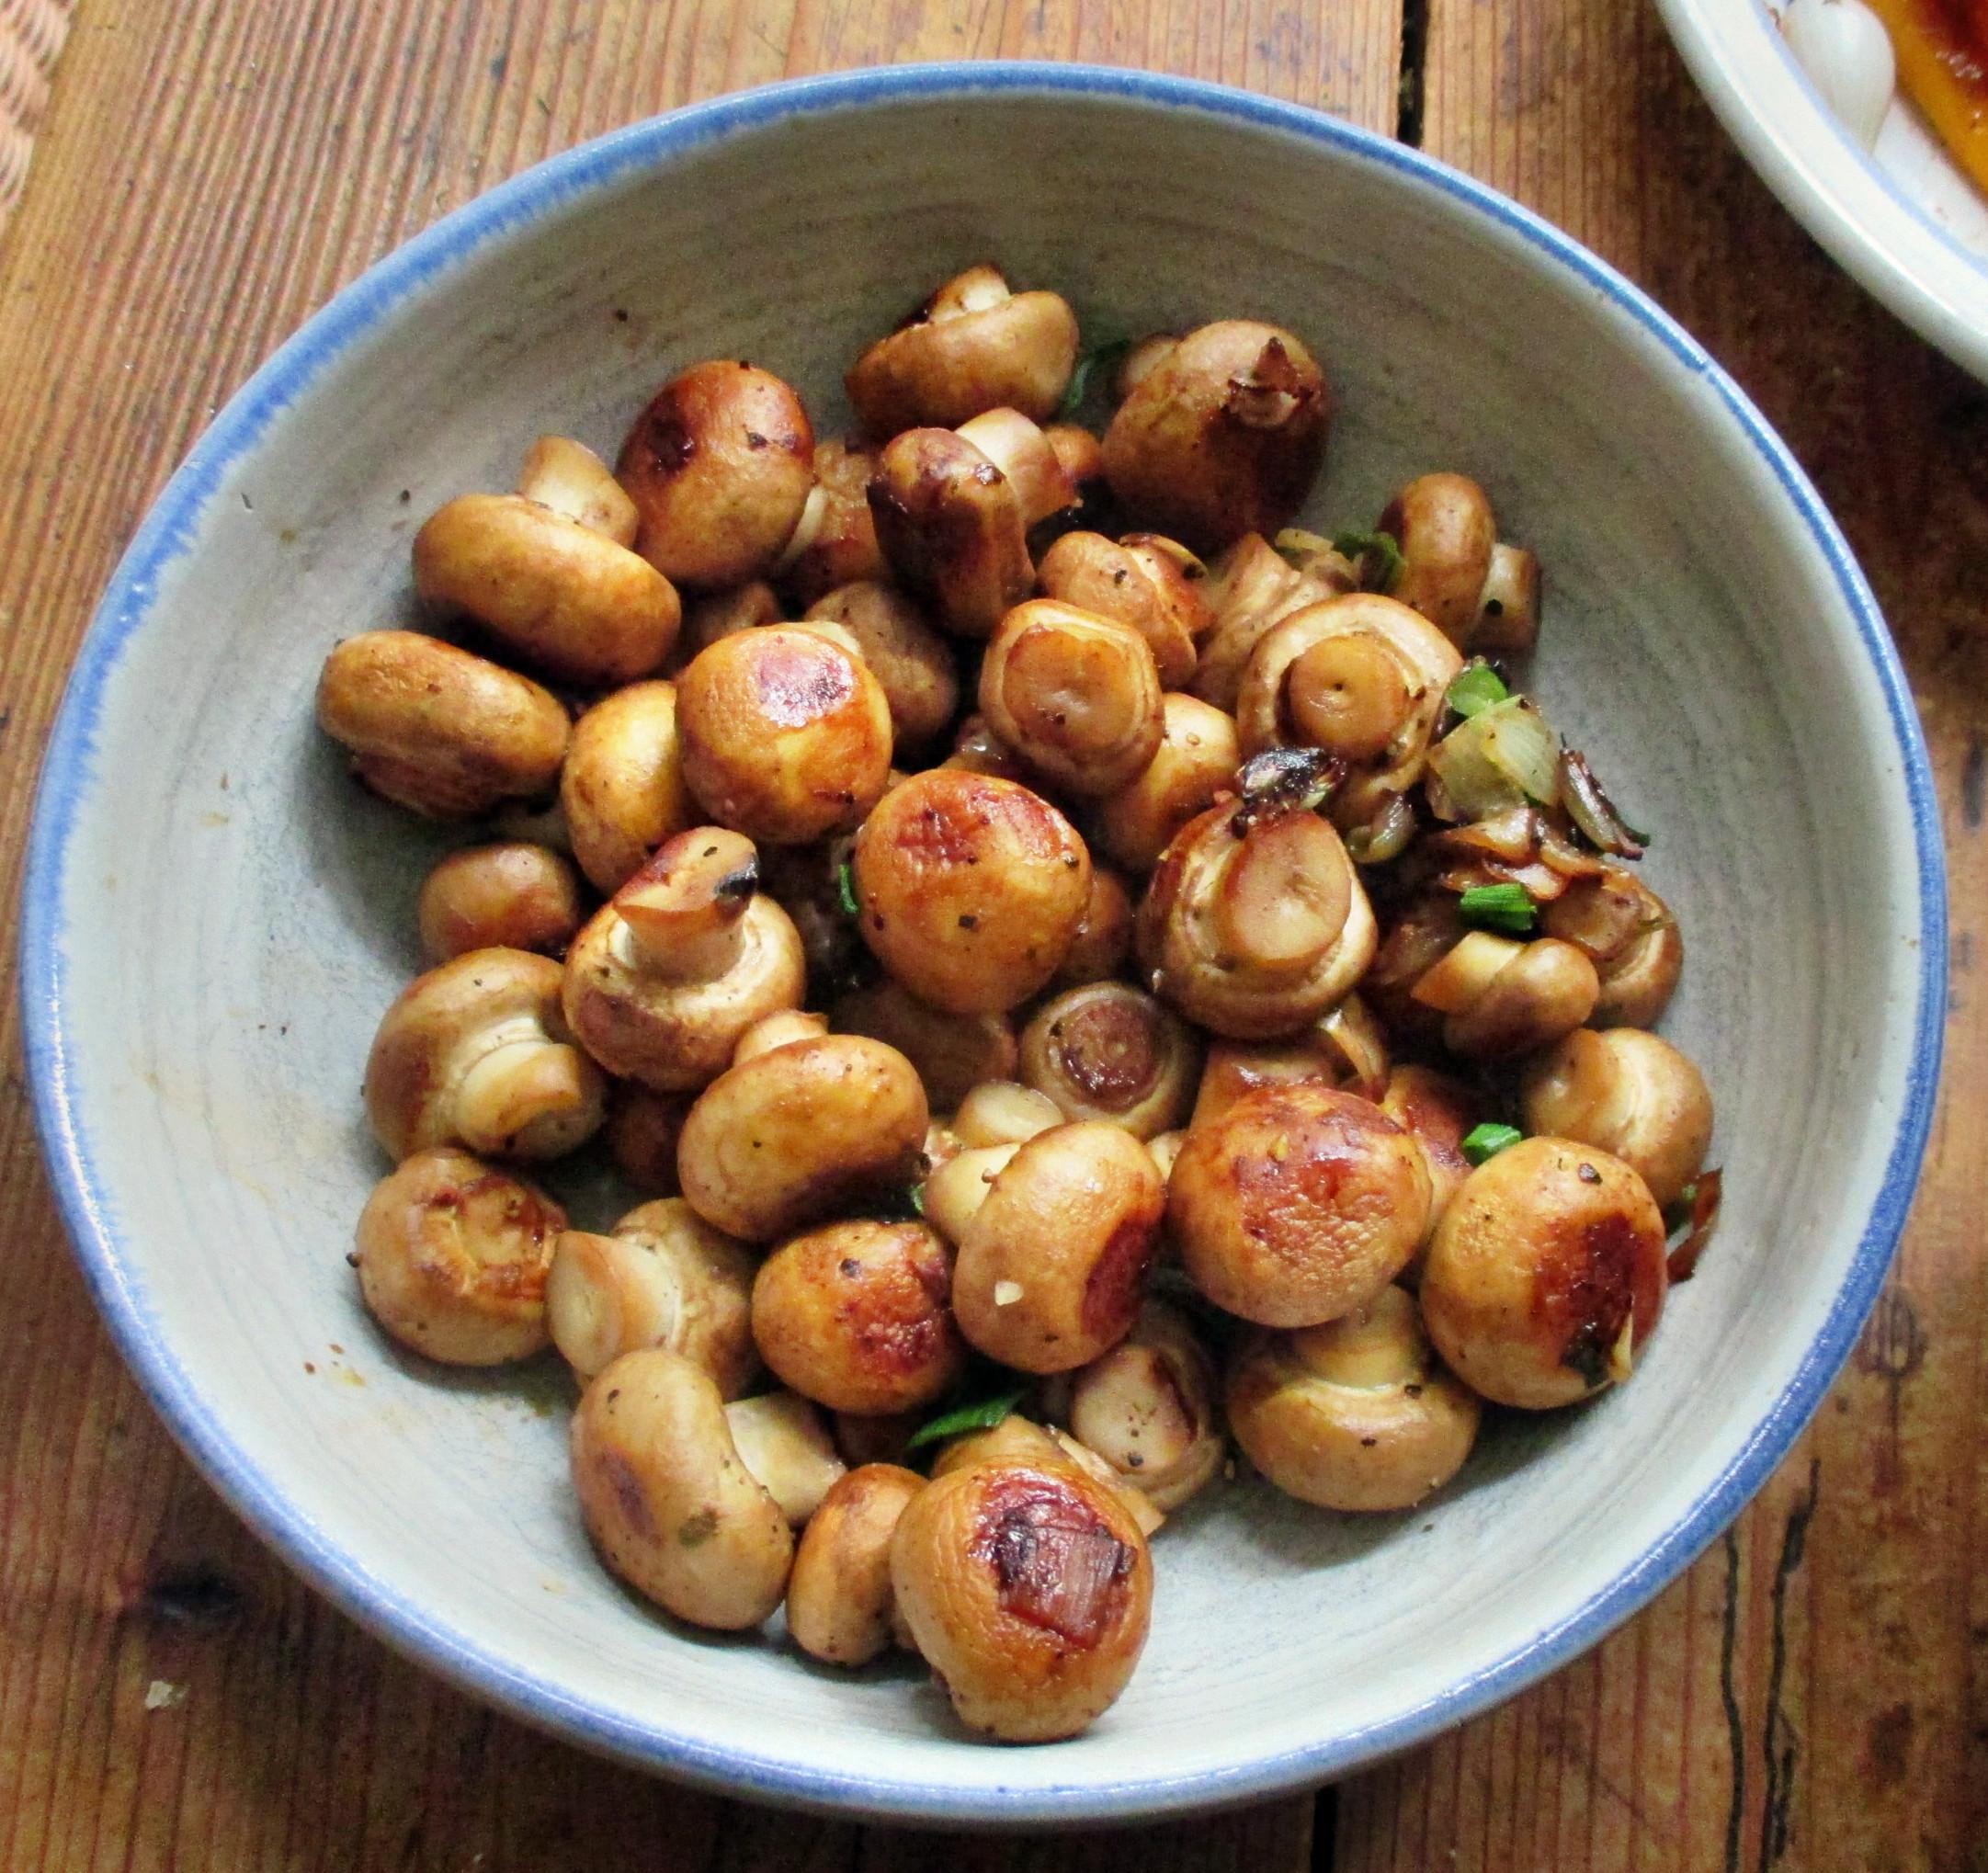 selbstgemachte Nudeln,Champignon,Bratpaprika,Salat -21.6.15   (11)